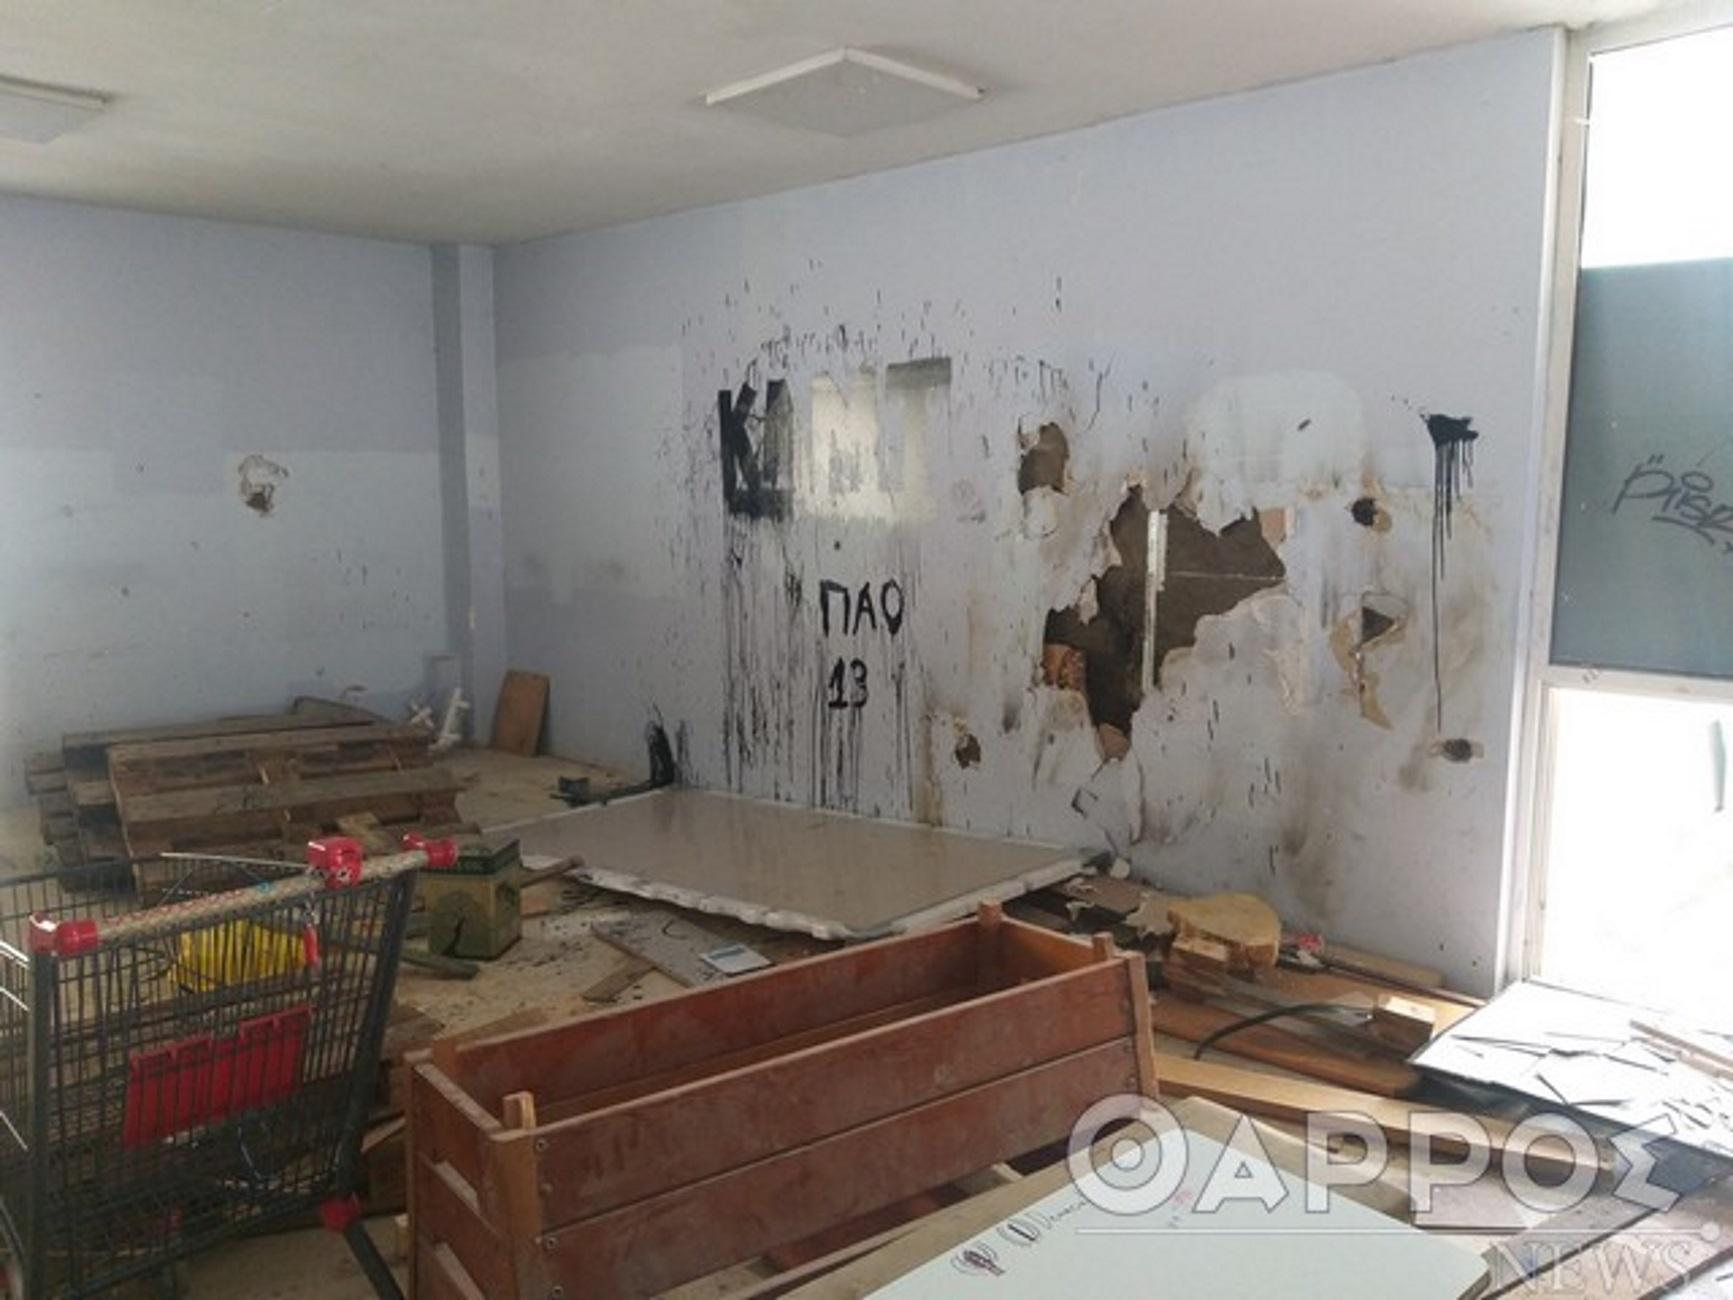 Καλαμάτα: Μπήκαν σε υπό κατάληψη σχολείο και είδαν αυτές τις εικόνες! Ξεσπάει η διευθύντρια (Φωτό)